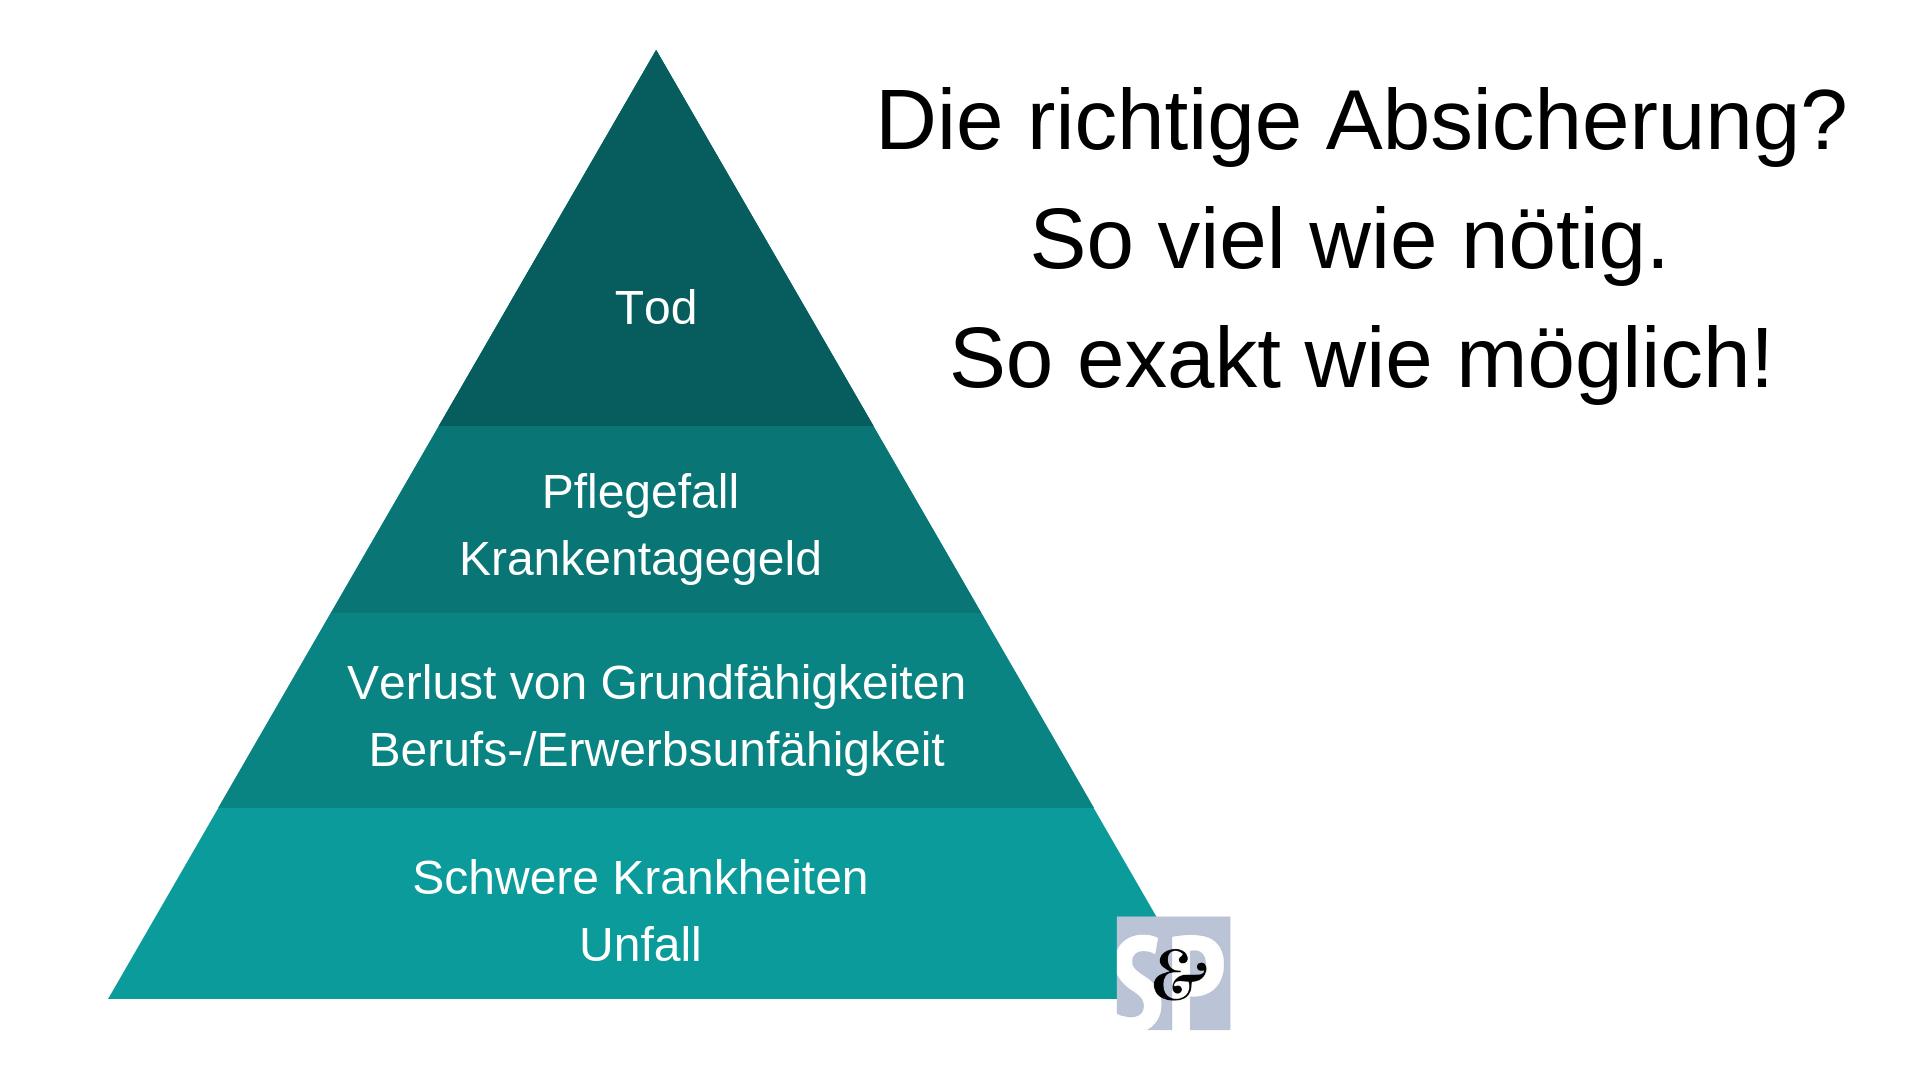 Eine Pyramide, die die verschiedenen Möglichkeiten der Einkommenssicherung aufzeigt.